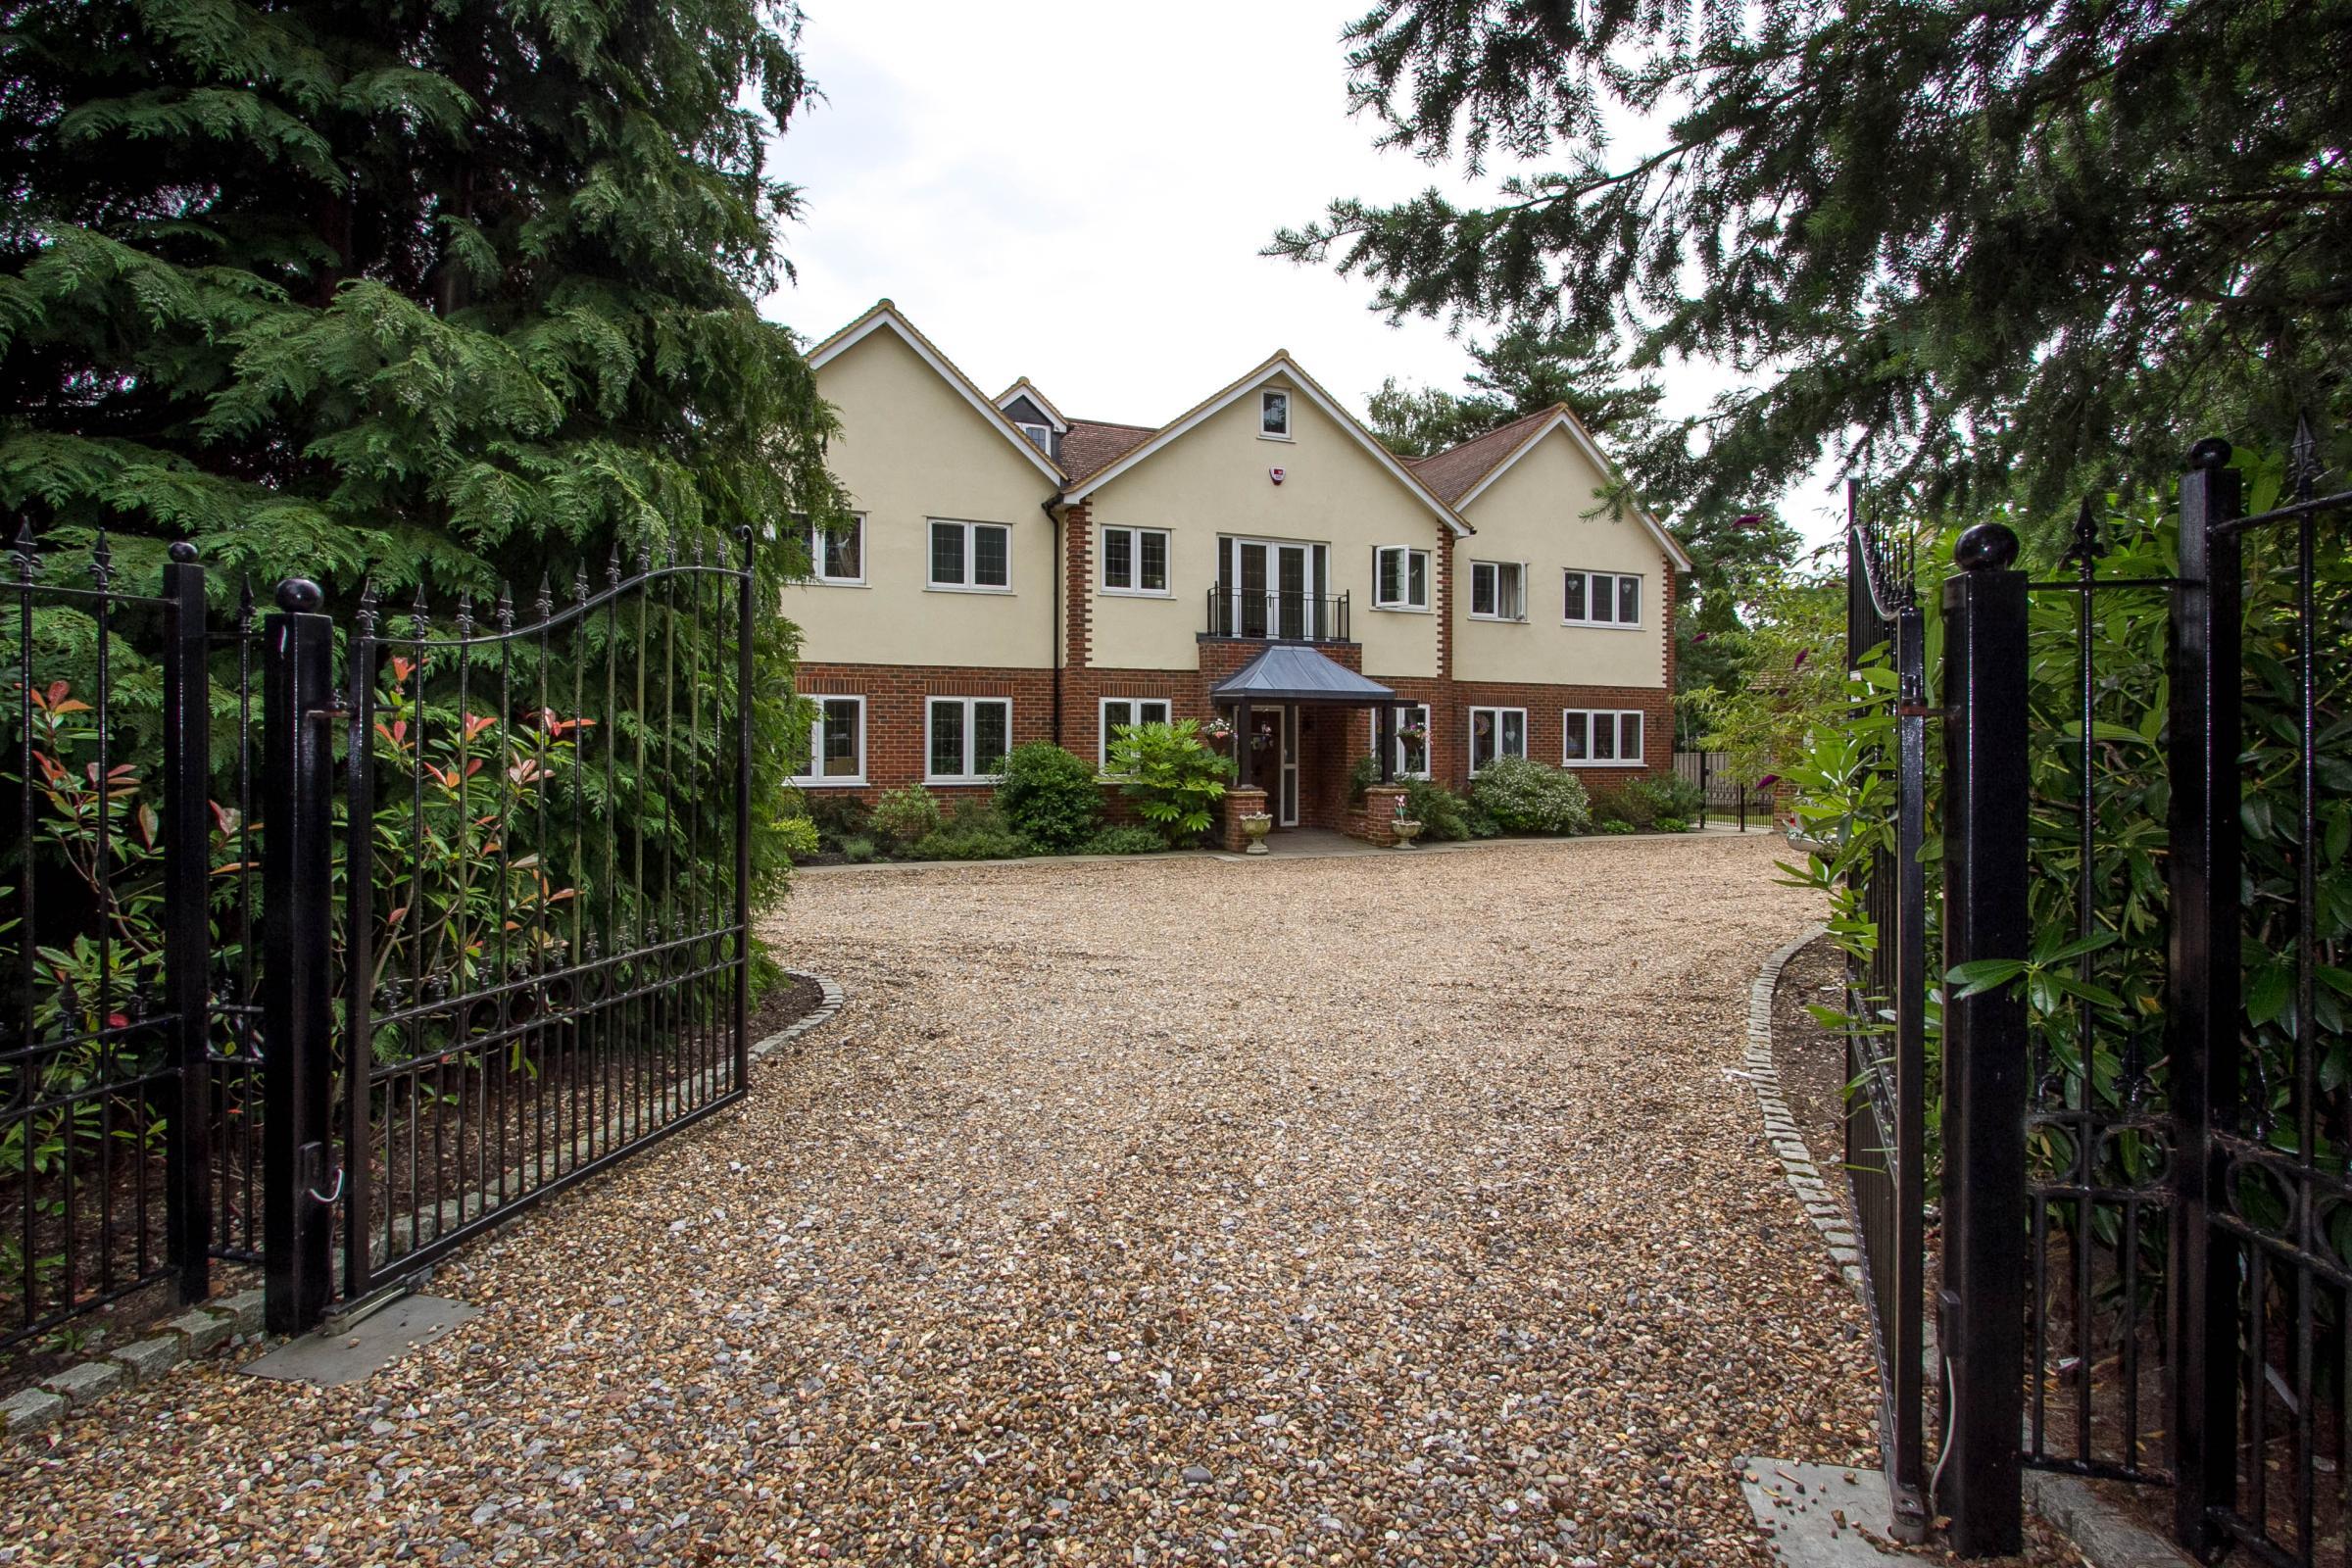 6 Bedrooms Detached House for sale in Woodham Lane, Woodham, Surrey, GU21